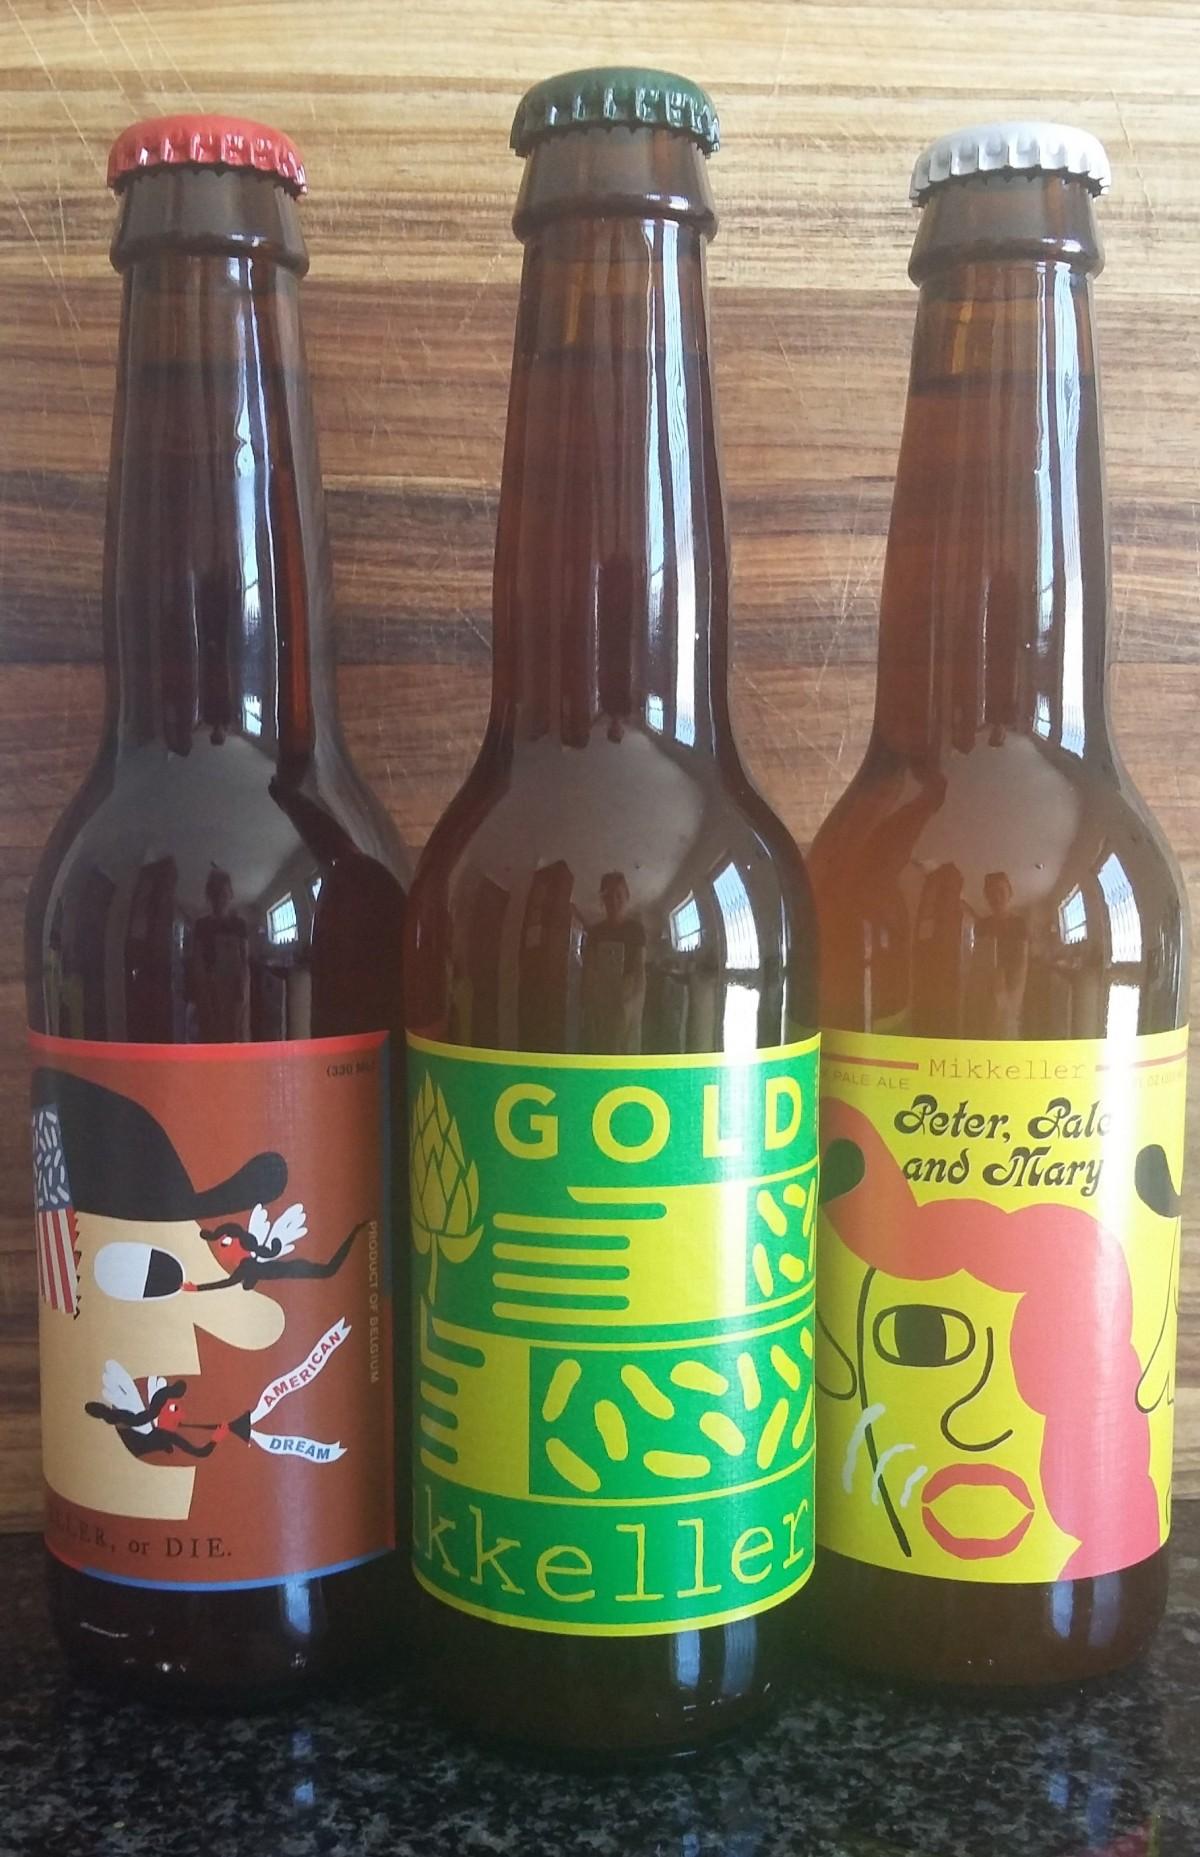 mikkeller beer south africa